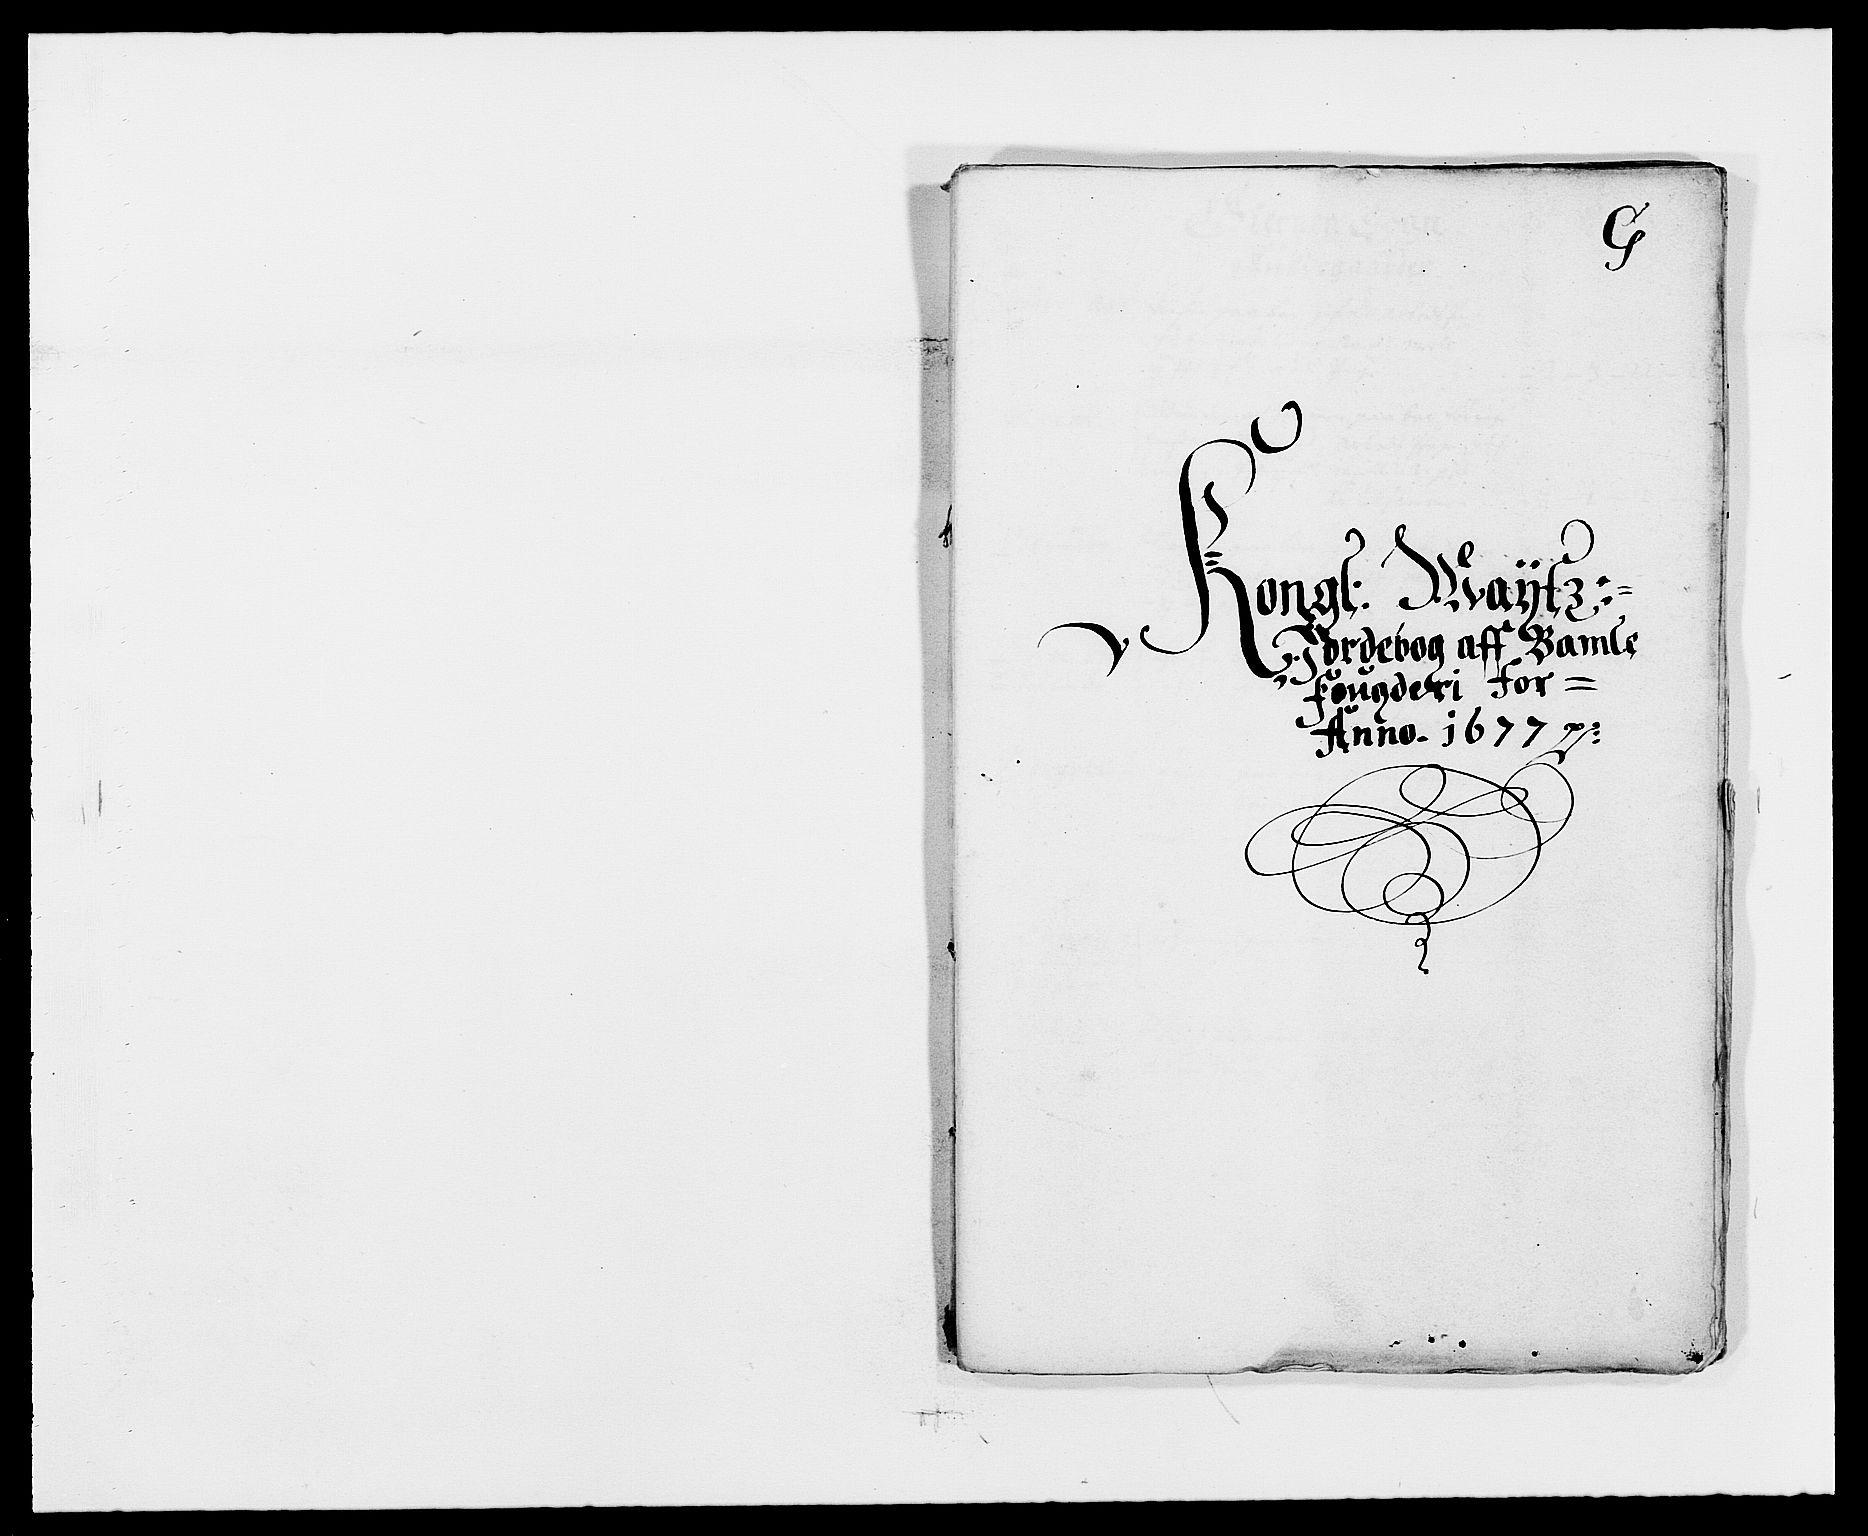 RA, Rentekammeret inntil 1814, Reviderte regnskaper, Fogderegnskap, R34/L2043: Fogderegnskap Bamble, 1676-1677, s. 407